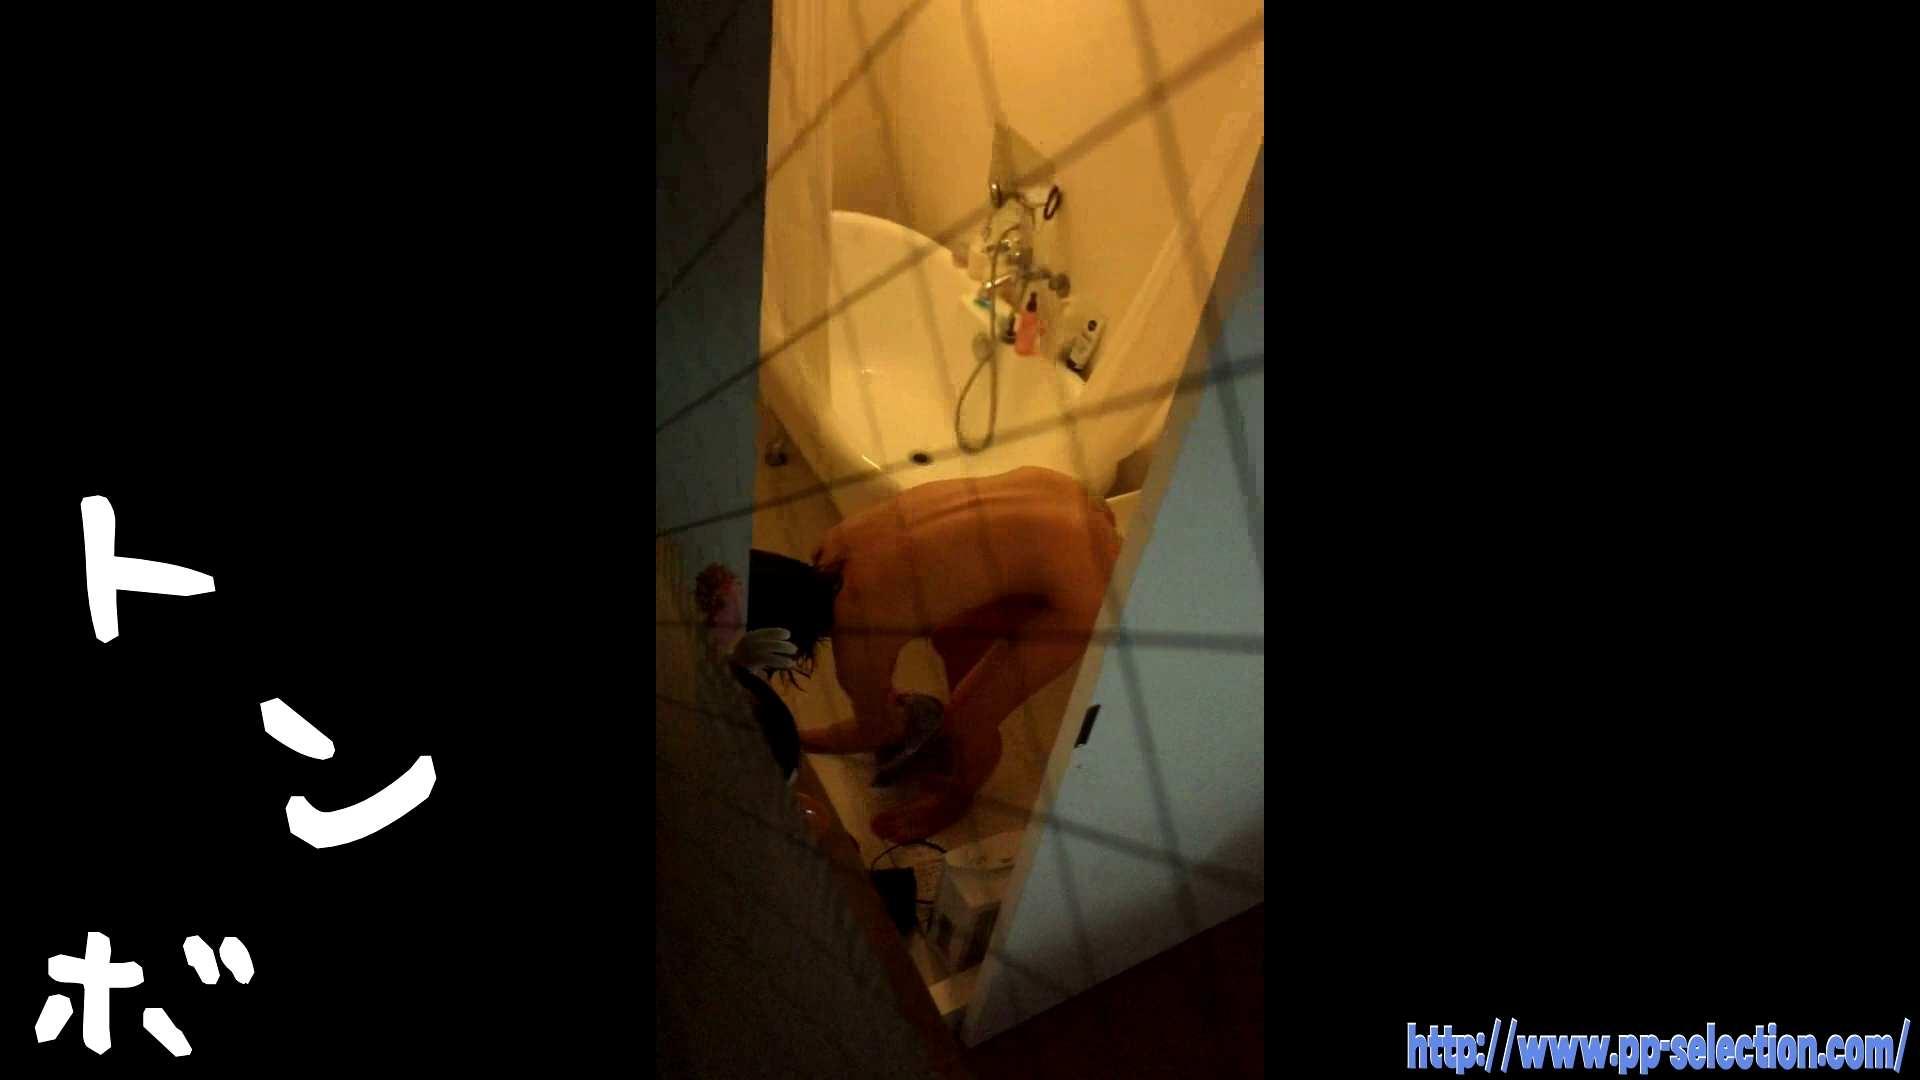 美女達の私生活に潜入!お洒落なアパレル店員の私生活!! 高画質 AV無料動画キャプチャ 99pic 11